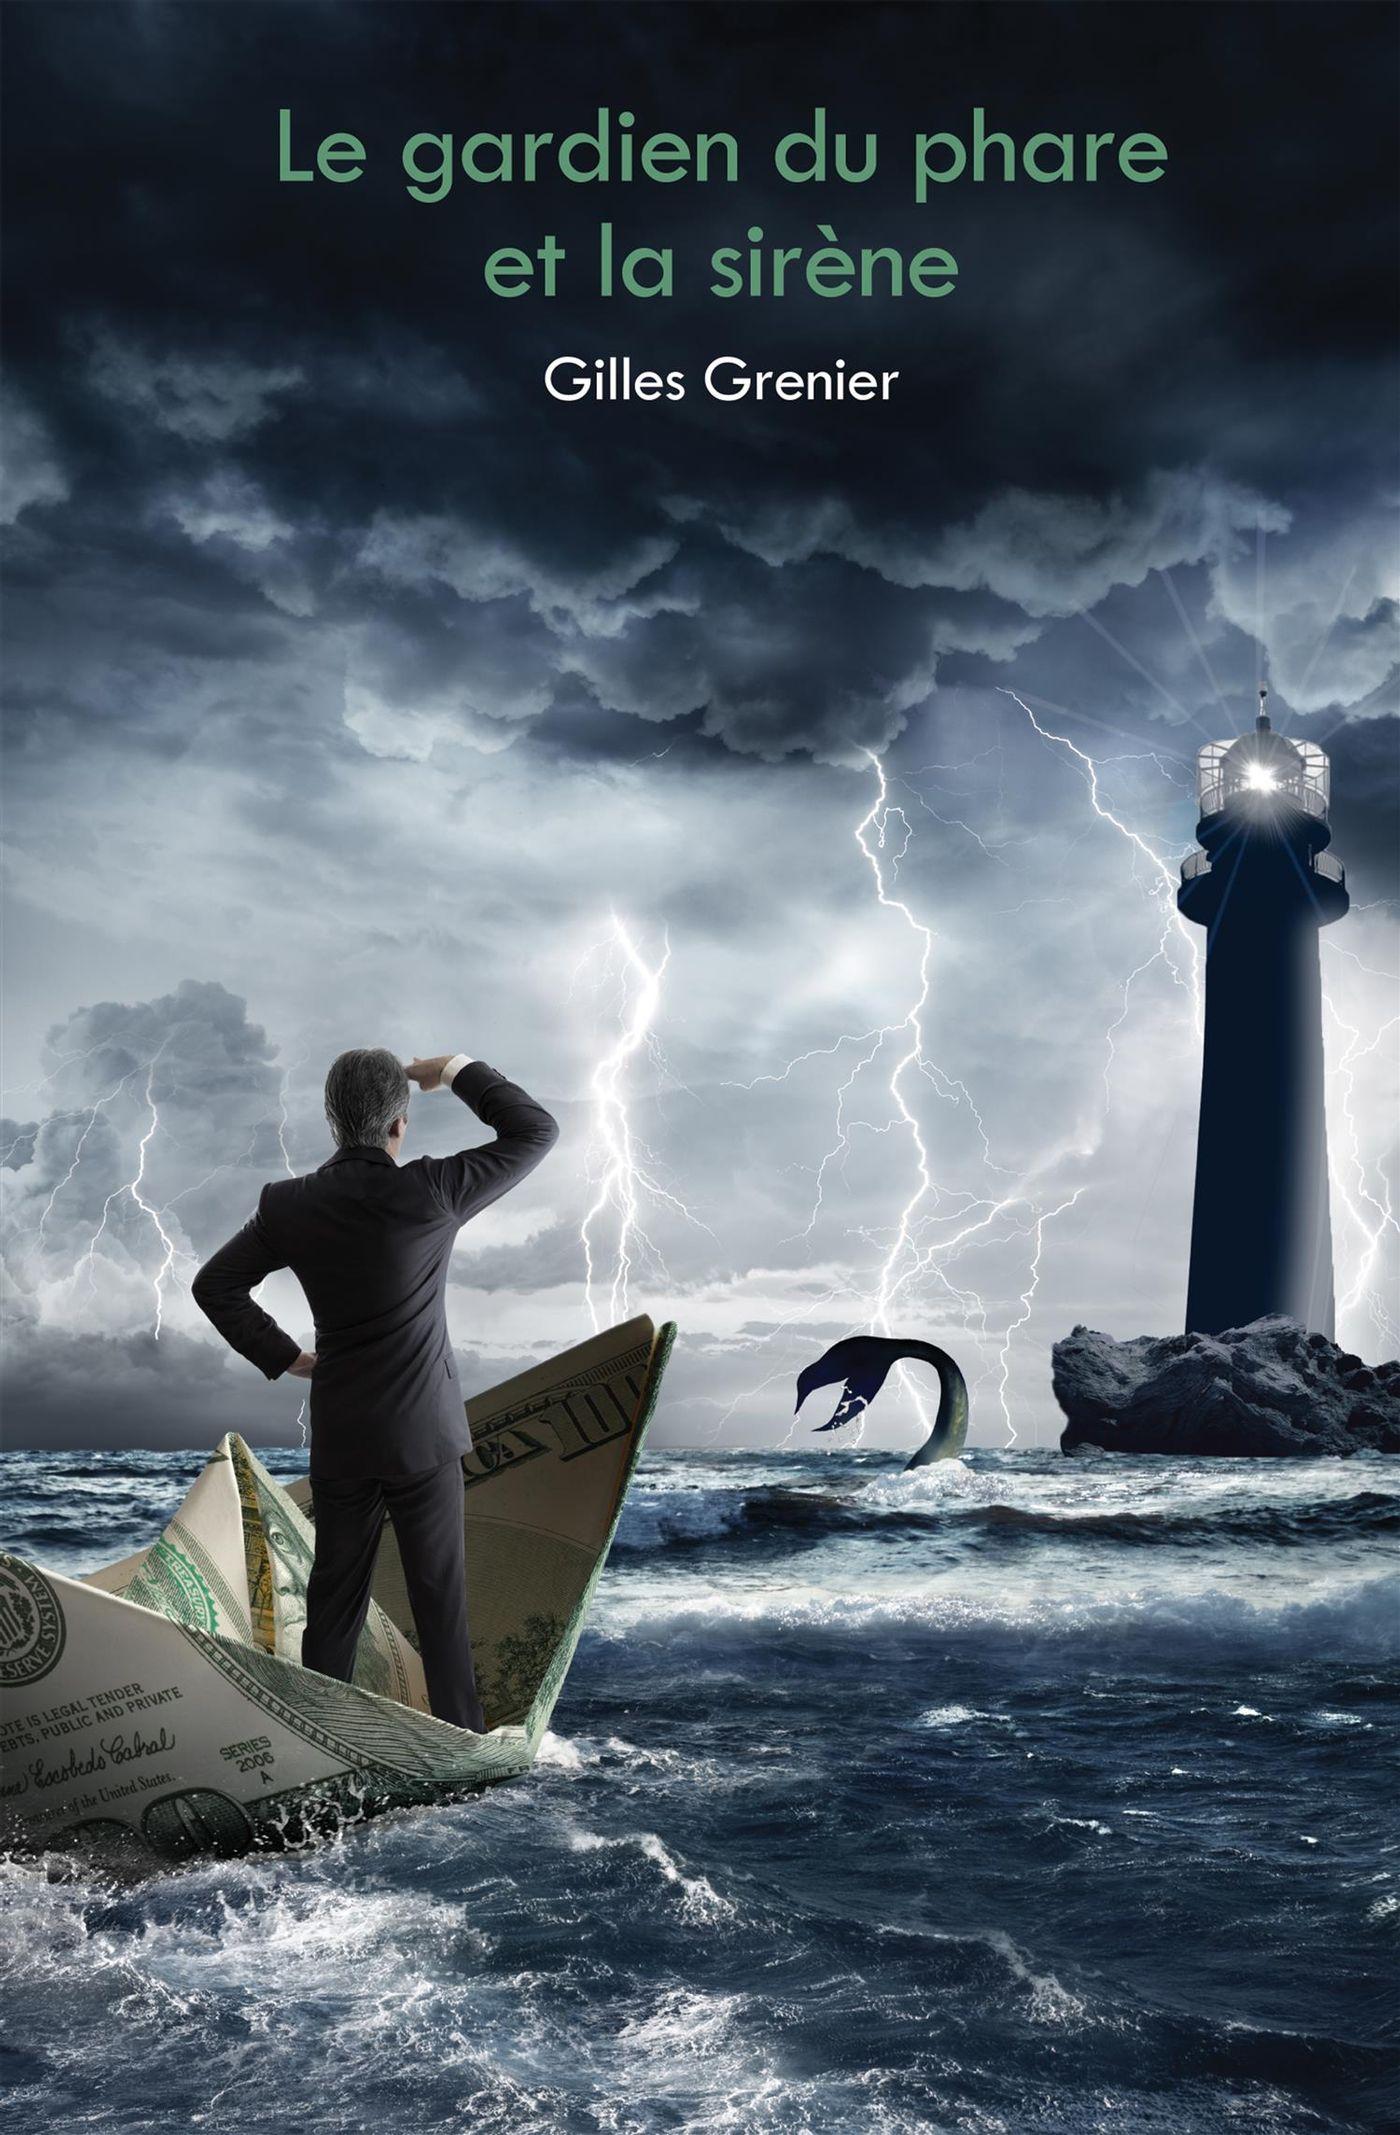 Le gardien du phare et la sirène